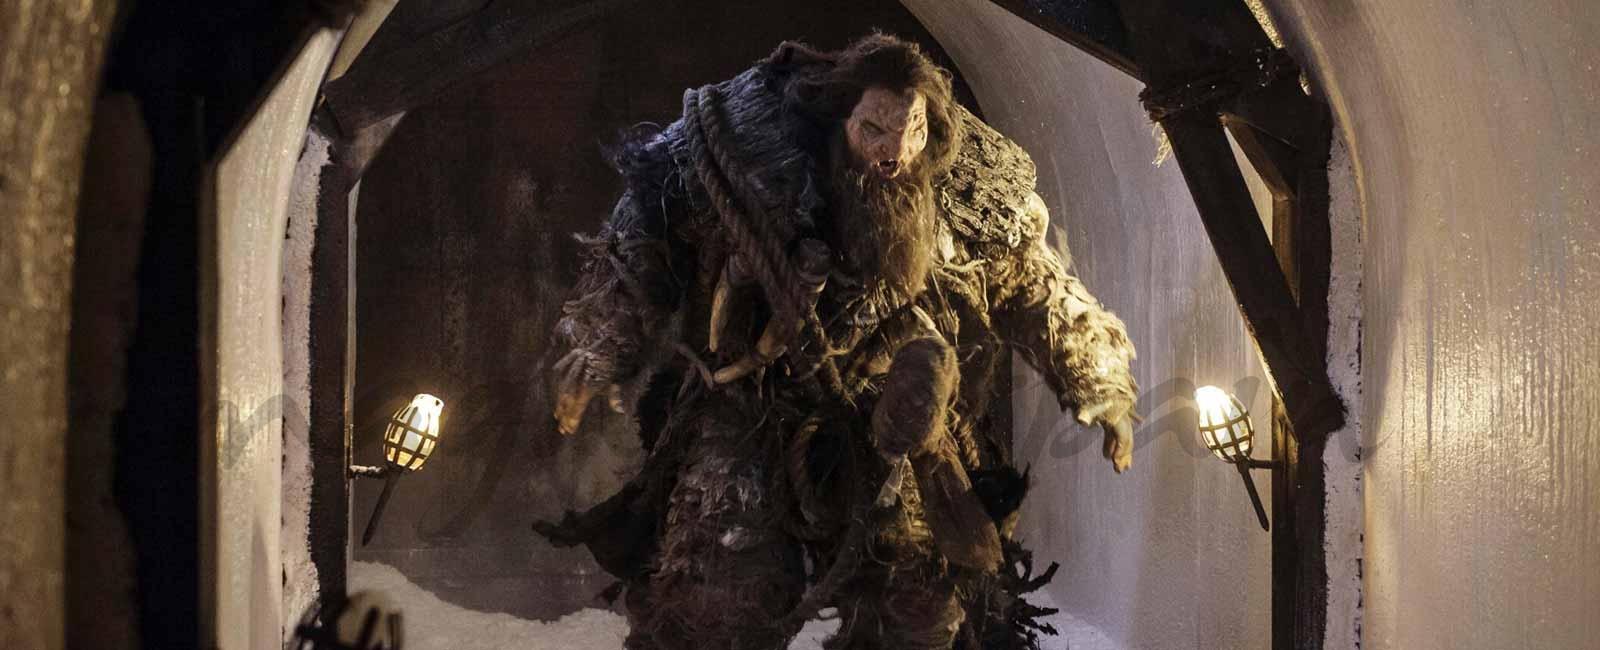 Muere Neil Fingleton, el gigante Mag el Poderoso en 'Juego de Tronos'